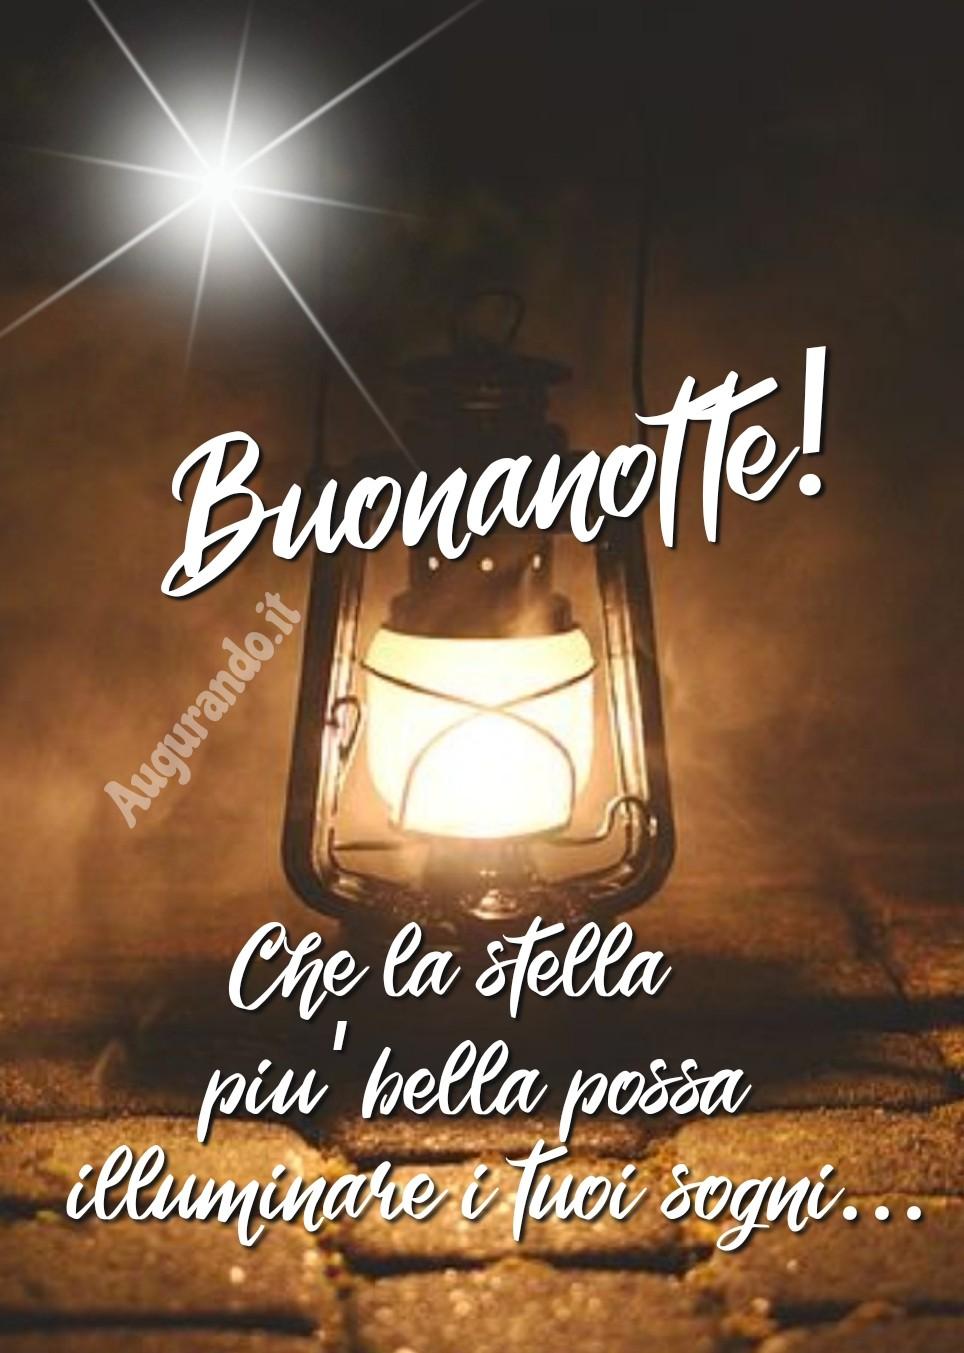 Le Migliori Immagini Della Buonanotte Per Whatsapp E Facebook